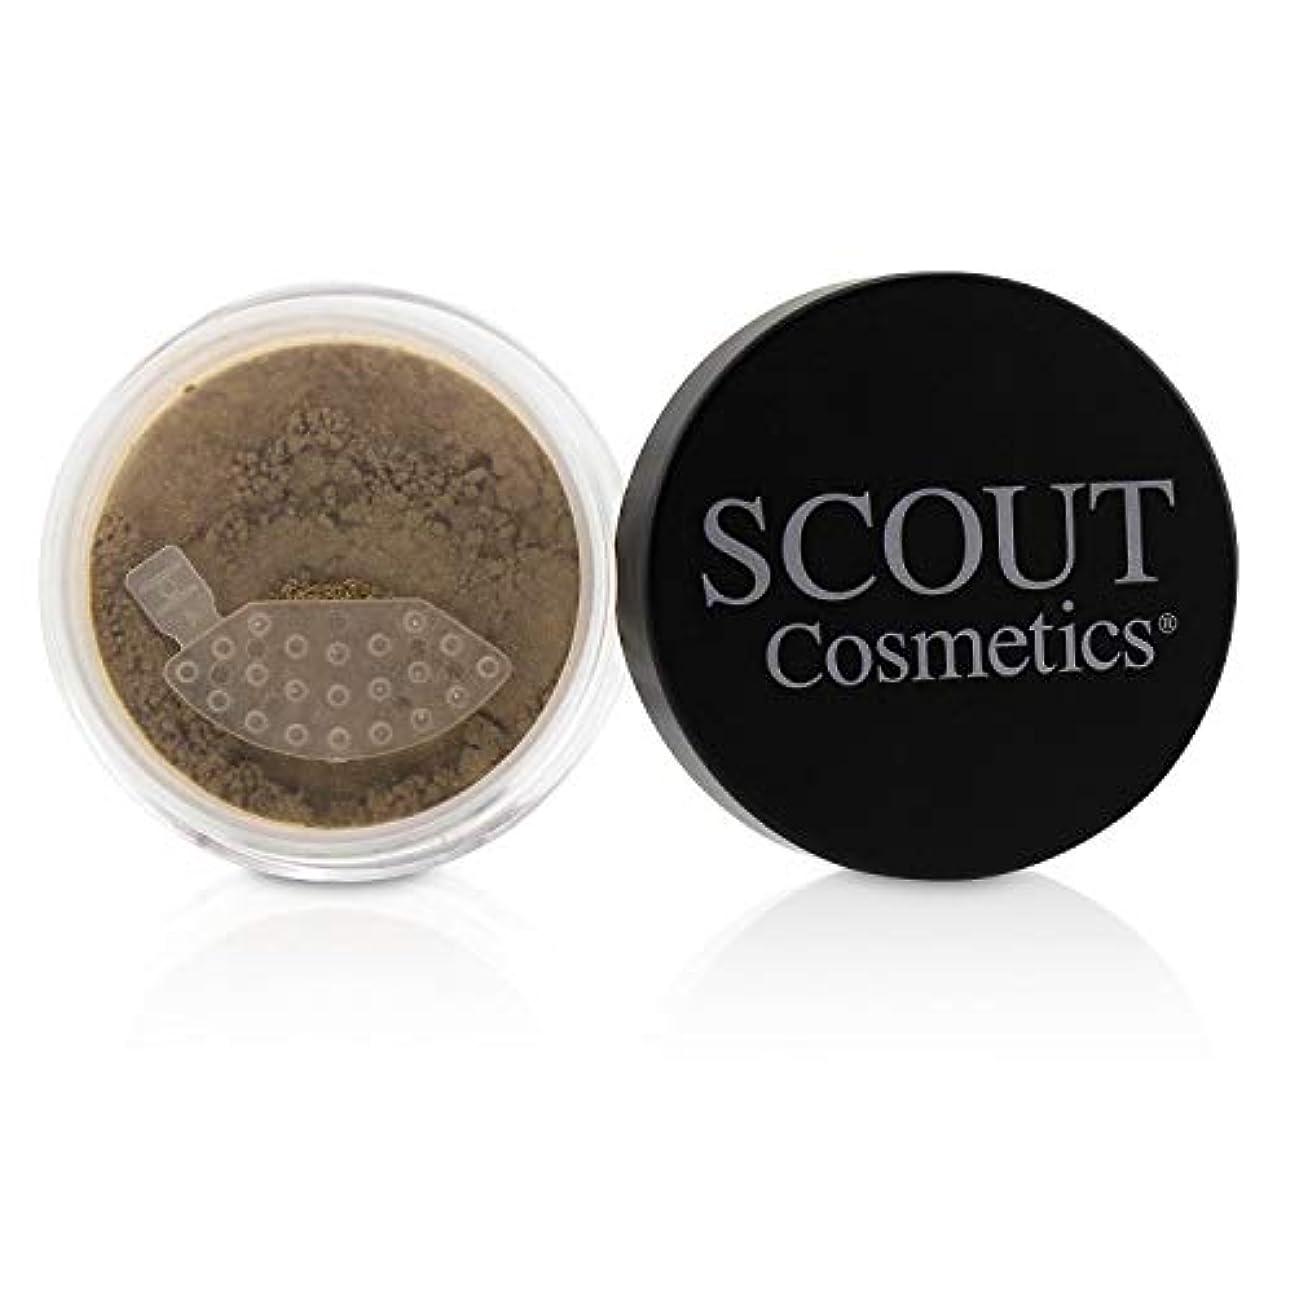 廃止するアナロジー効果的にSCOUT Cosmetics Mineral Powder Foundation SPF 20 - # Almond 8g/0.28oz並行輸入品